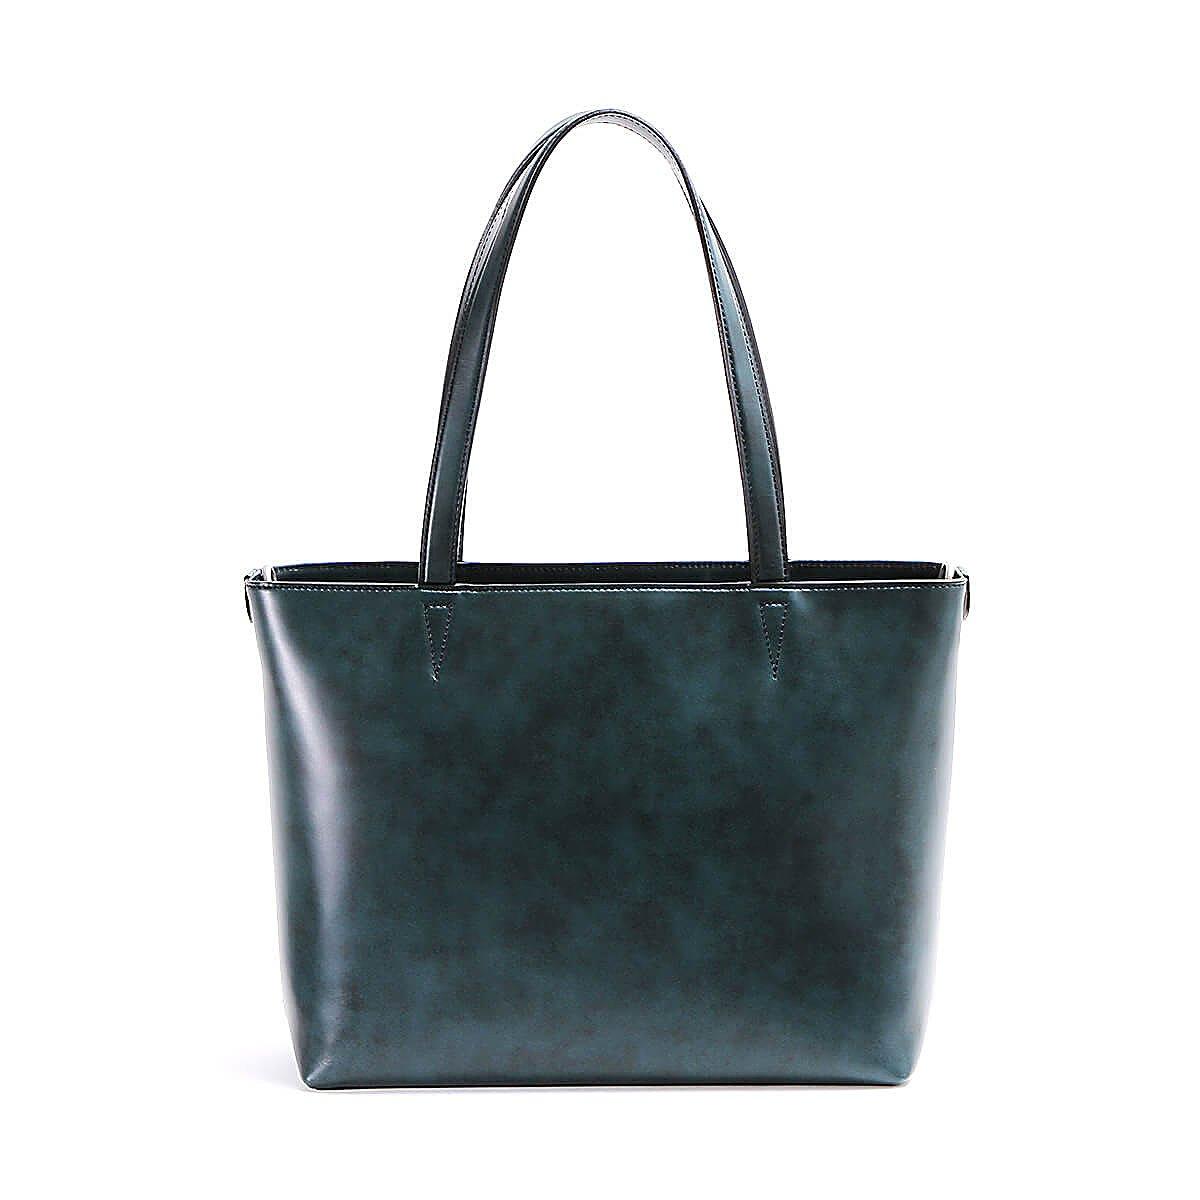 エルゴポック トートバッグ ミドルトート Waxed Leather(06 Series) 06-MT B0779QZN71 ネイビー ネイビー